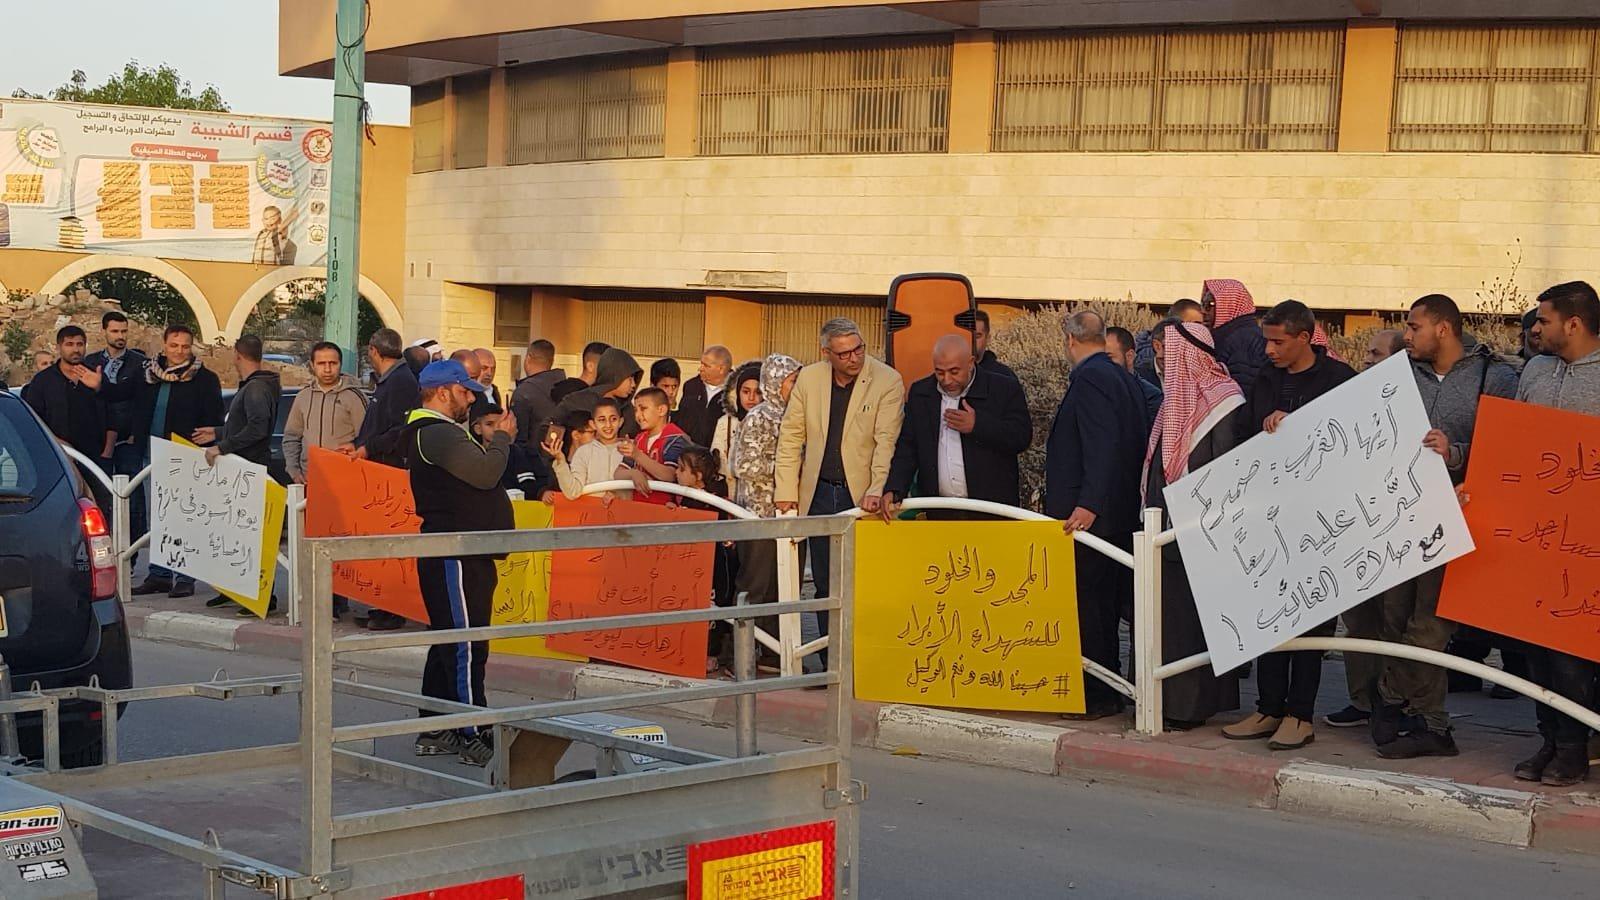 الحركة الإسلامية في رهط تنظم وقفة احتجاجية تنديدا بمجزرة نيوزيلاندا